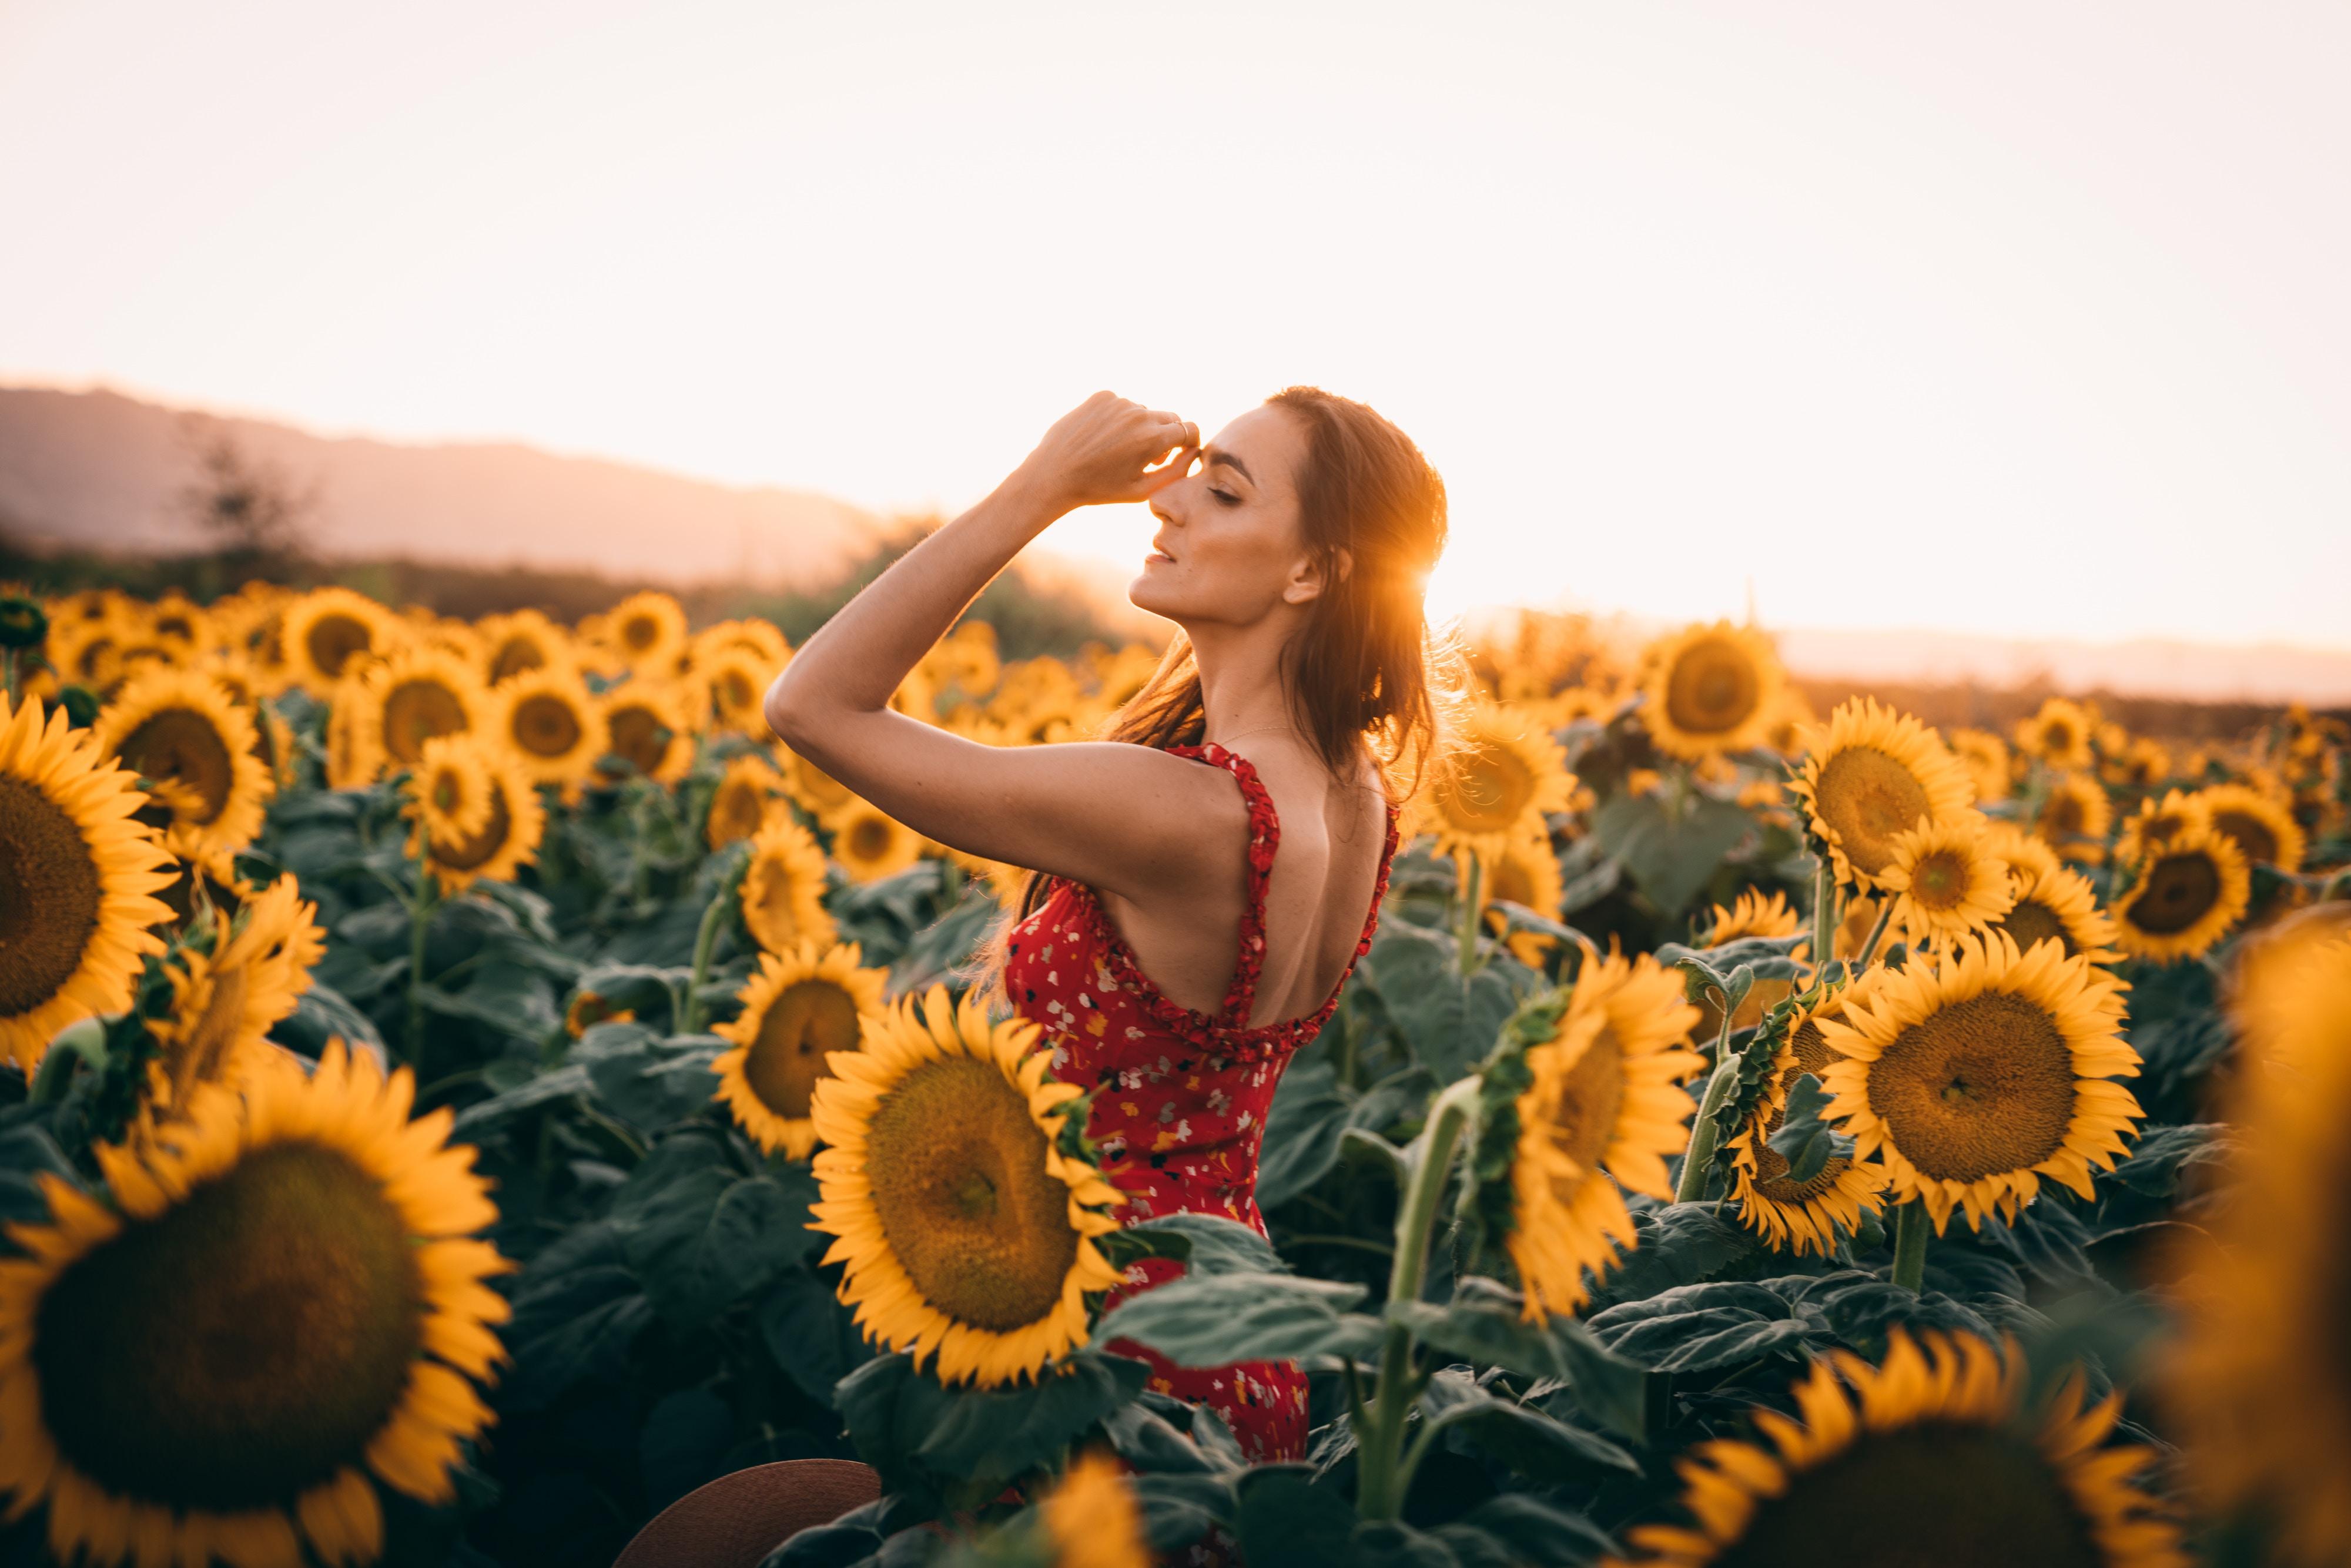 sunflowers field dress women 1575664983 - Sunflowers Field Dress Women -